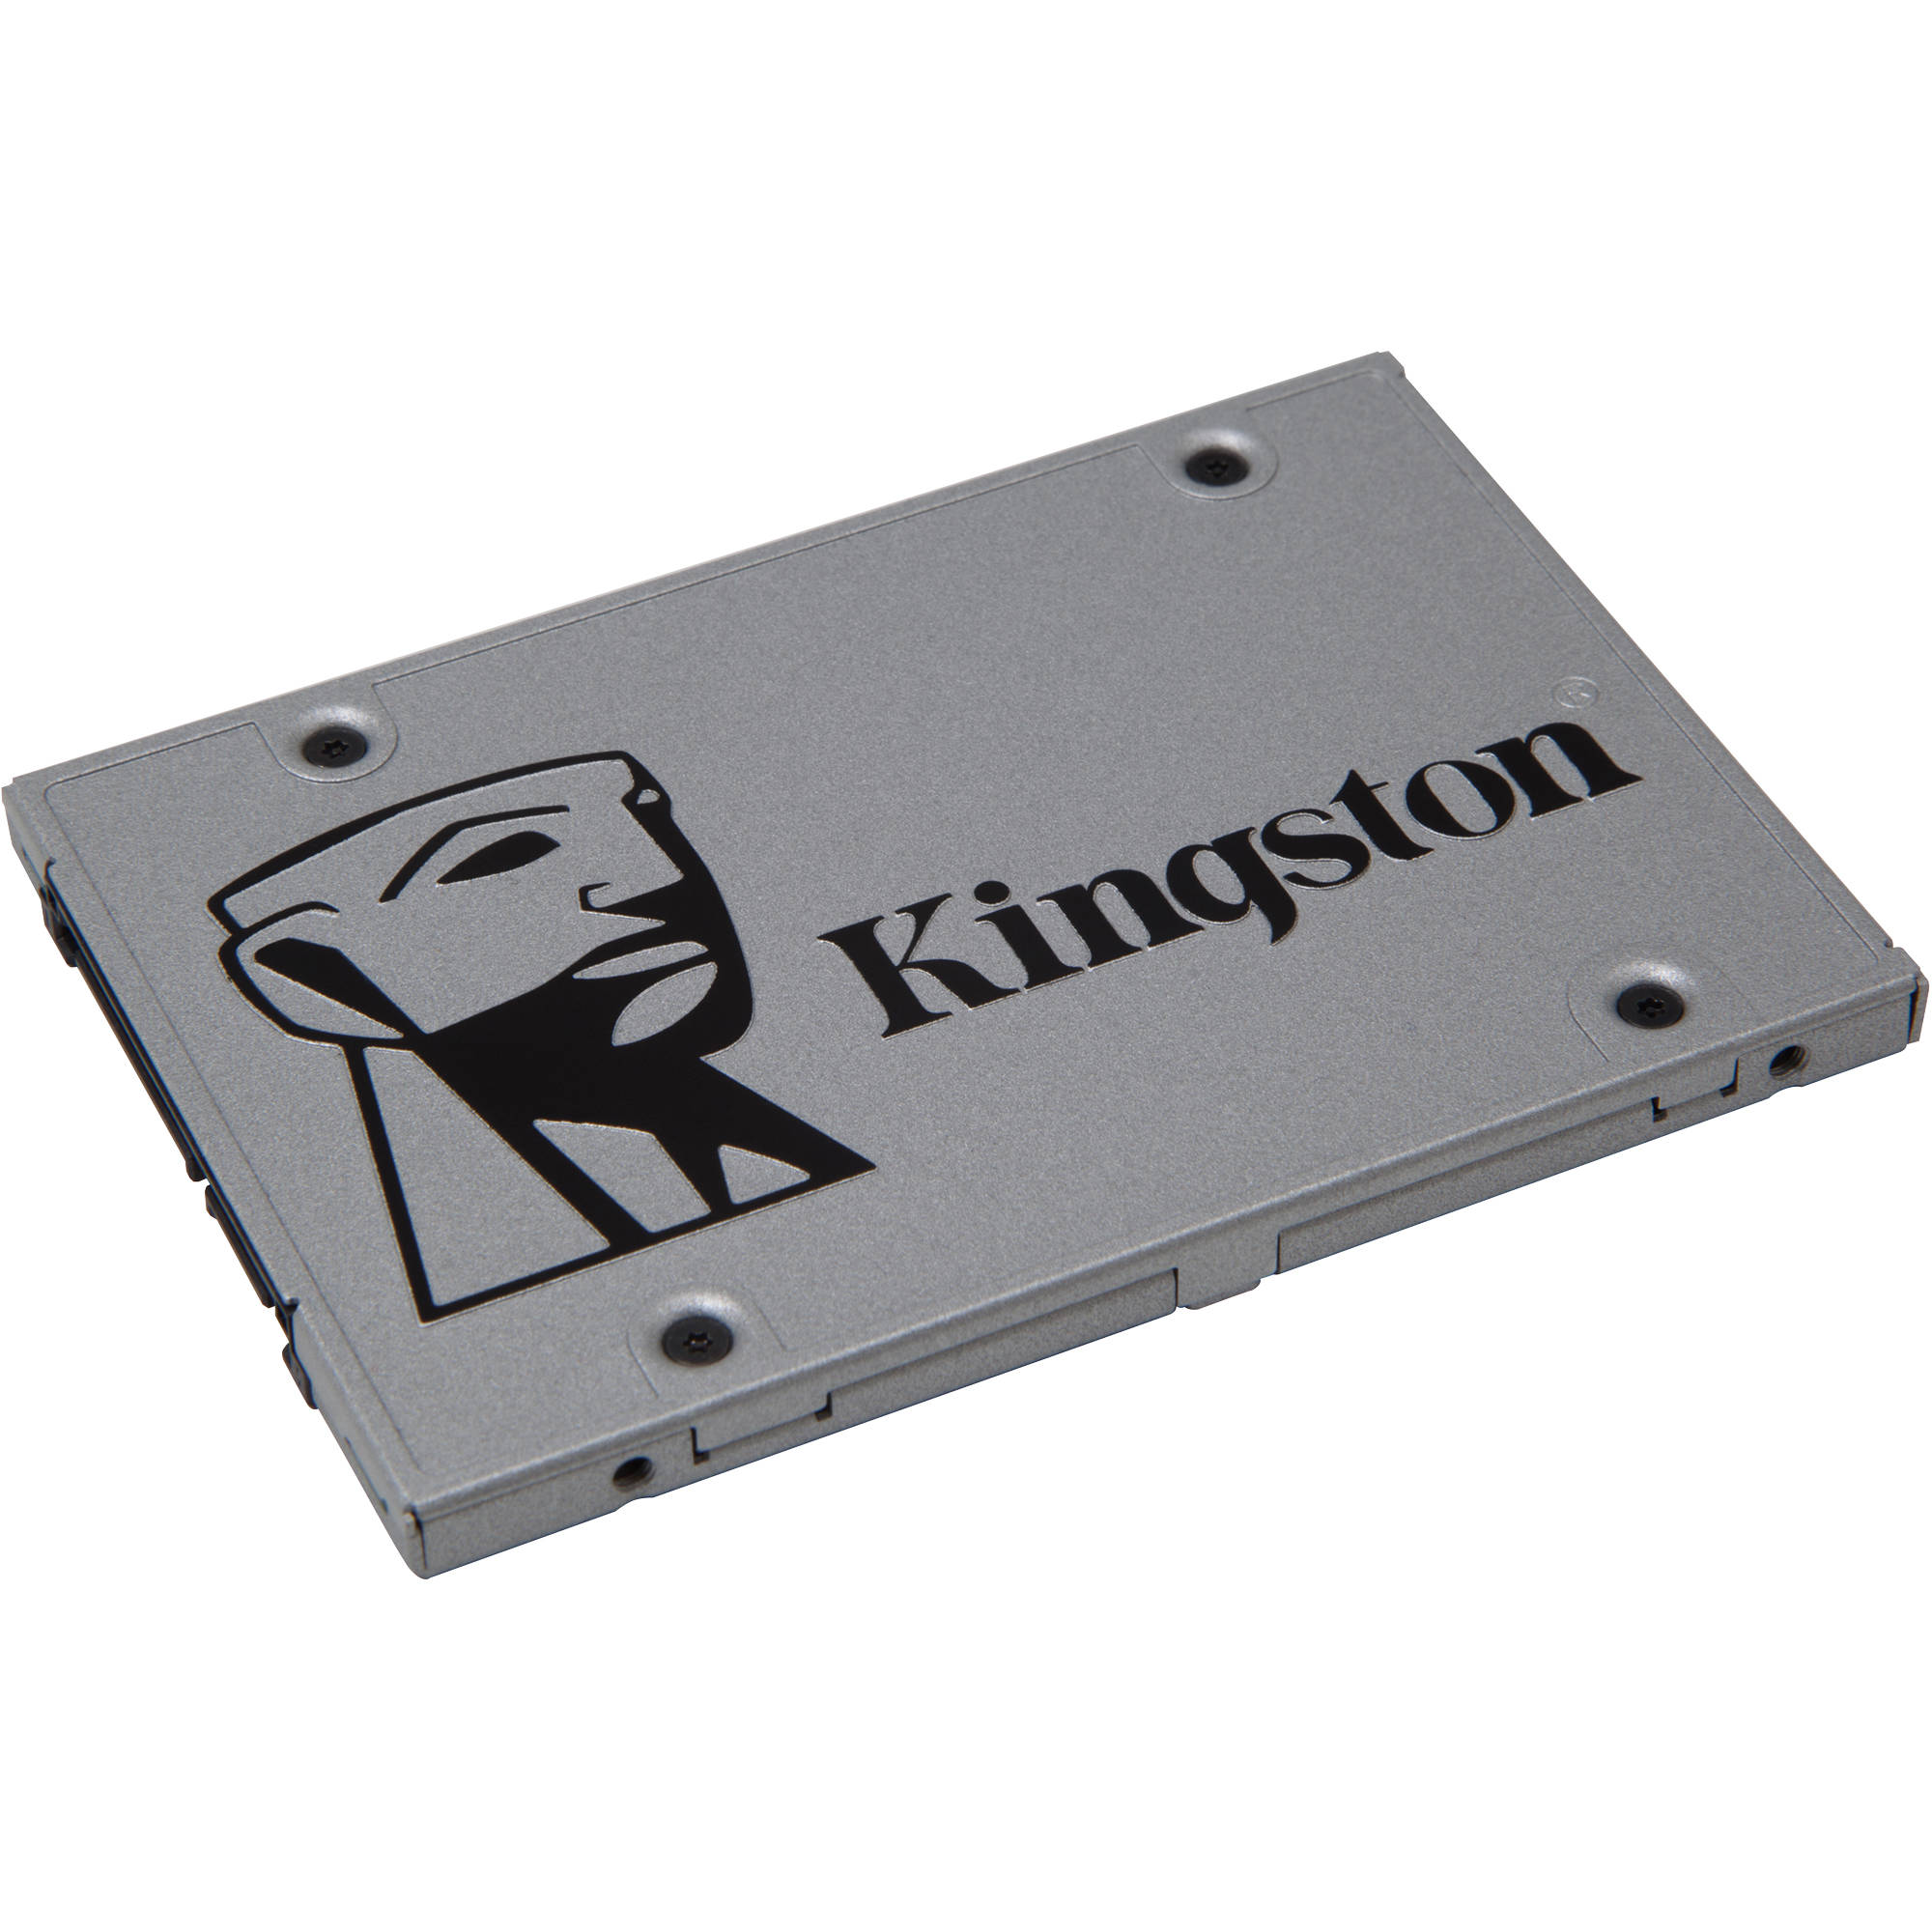 Kingston SSD / SUV400S37A/ 240GB  - 2.5